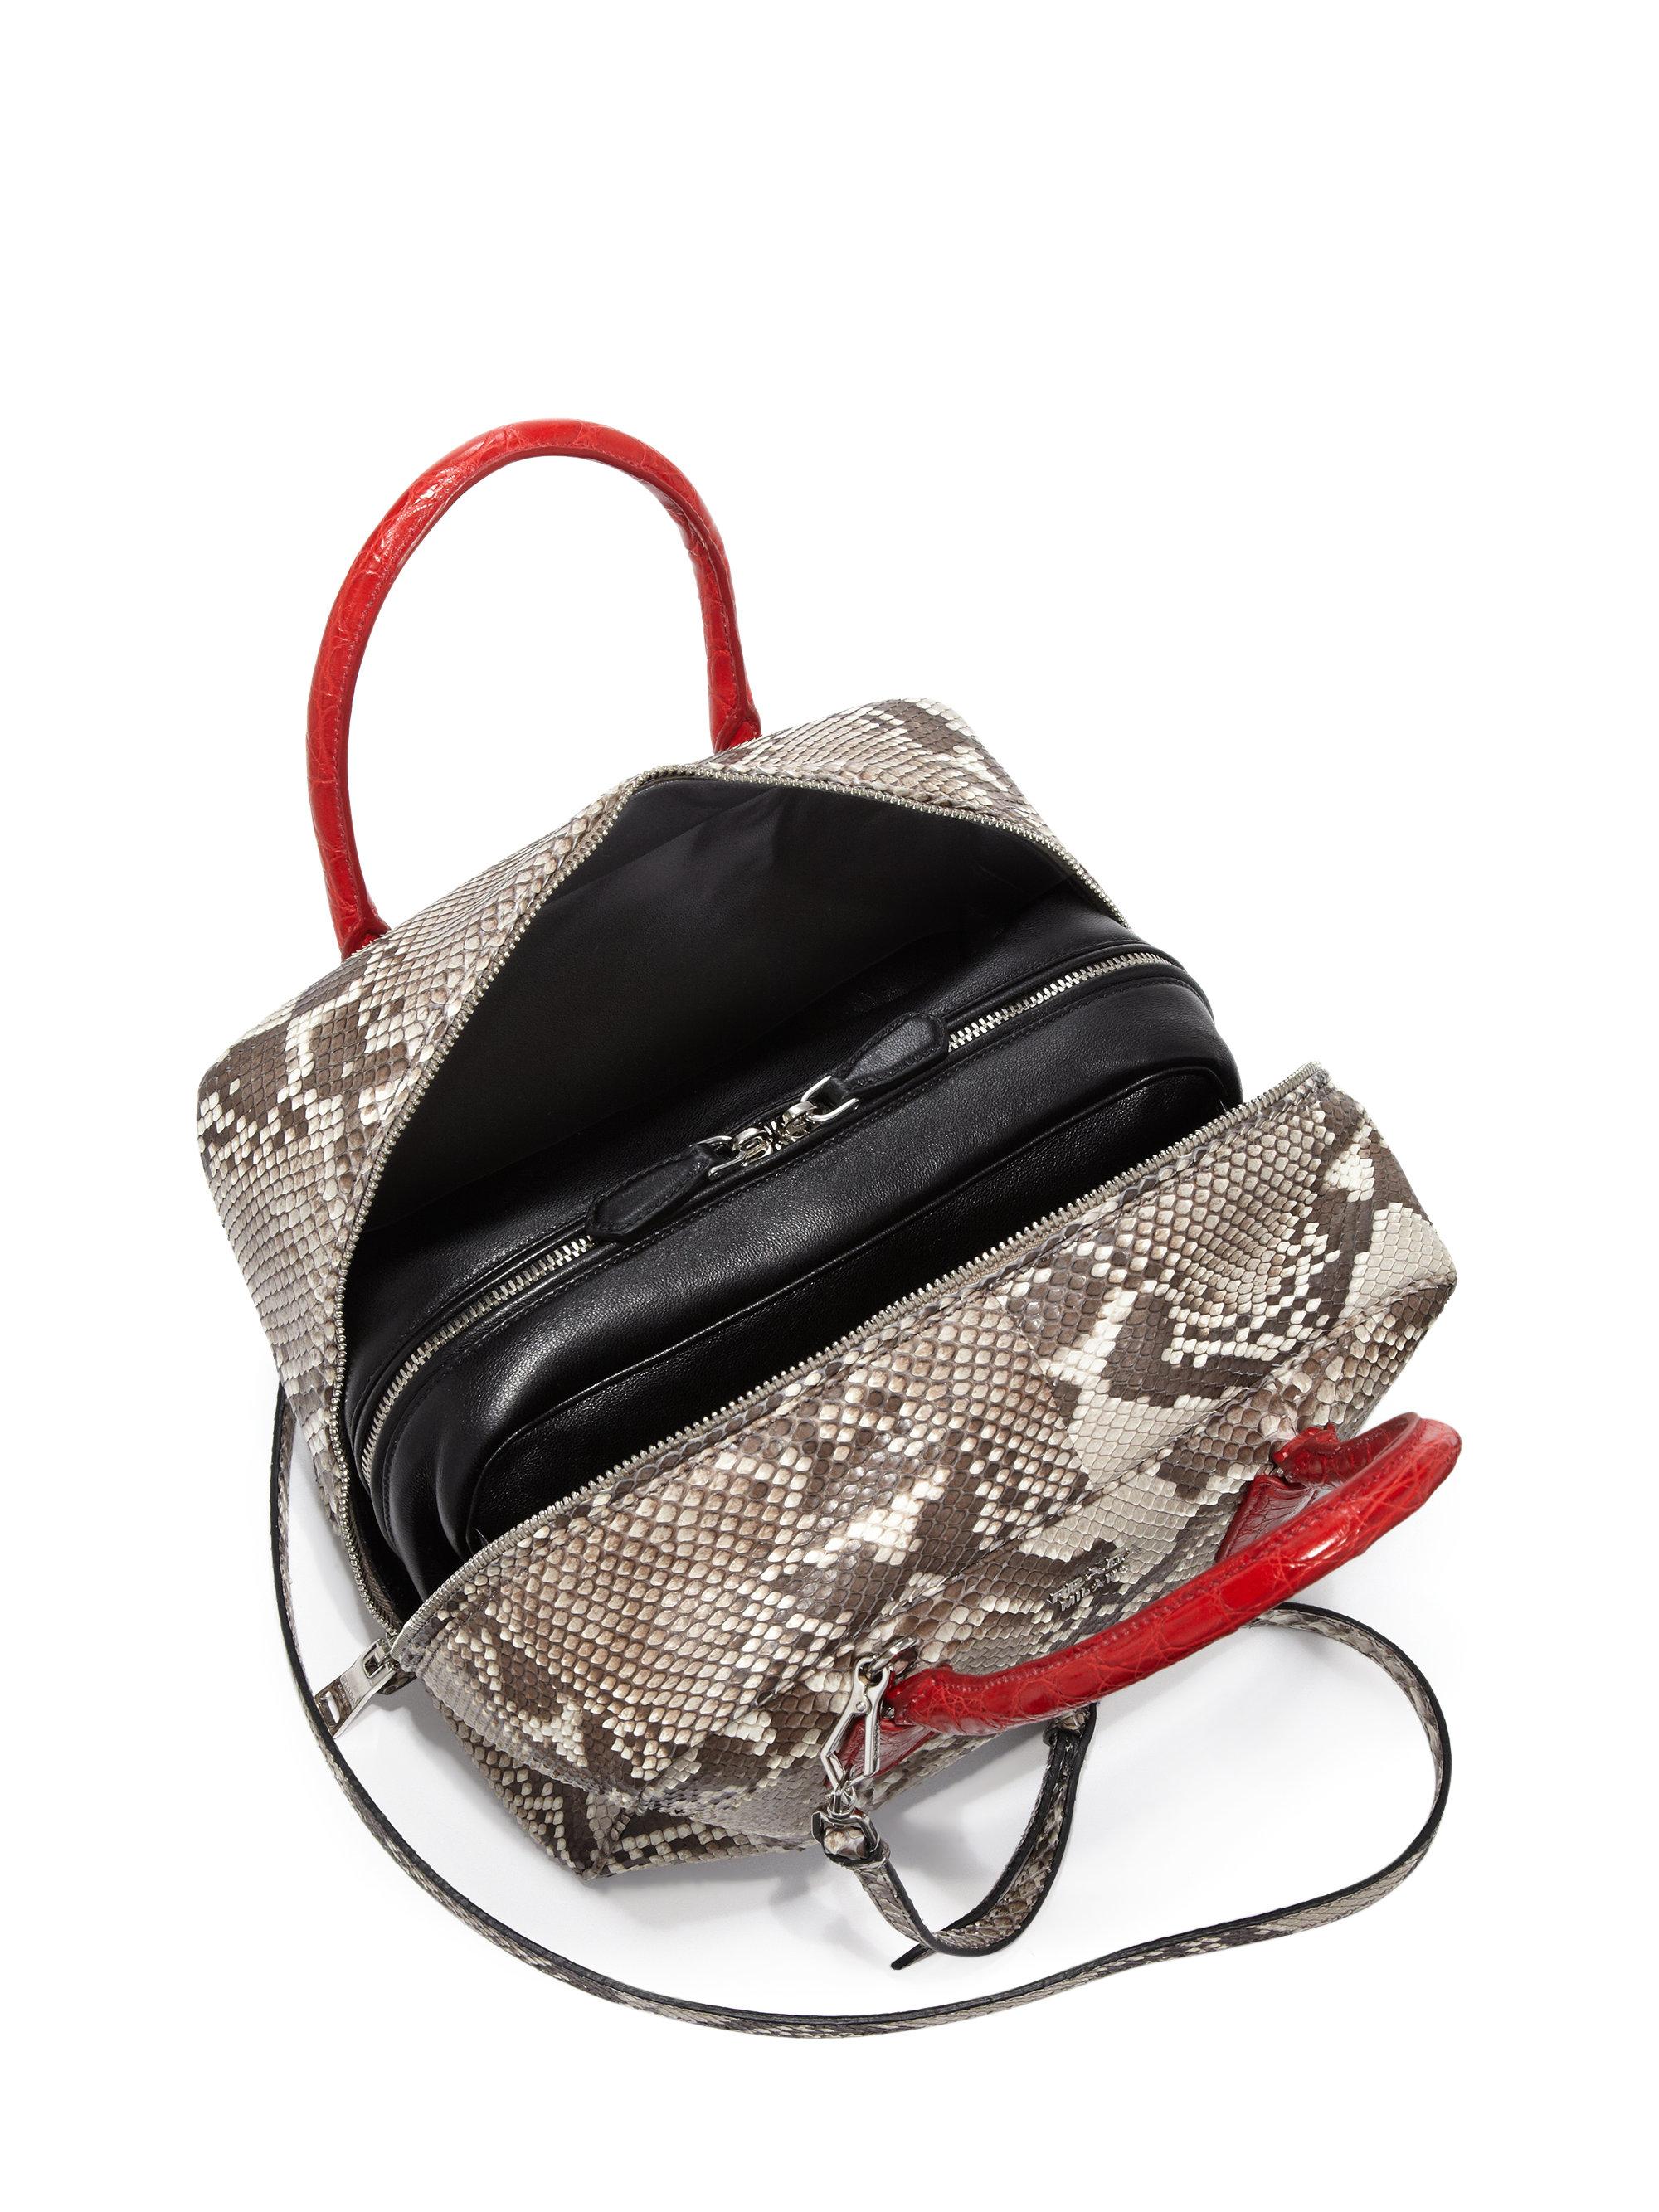 2eb8d127b0ce Prada Python & Crocodile Inside Bag in Red - Lyst